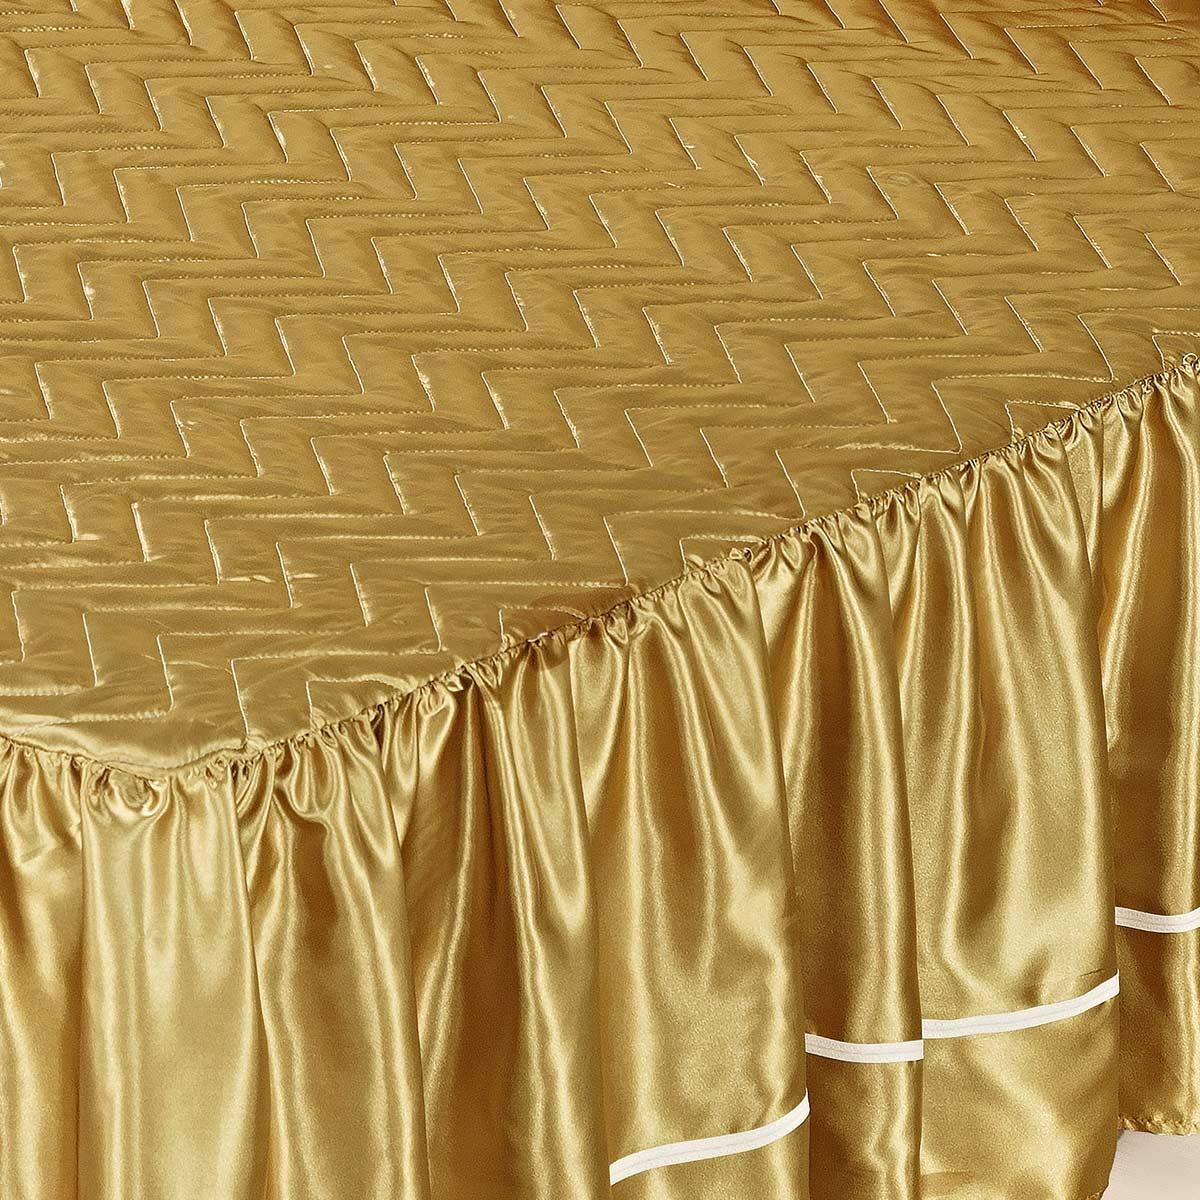 Colcha Império Casal Dourado com 5 peças Poliéster e Polipropileno